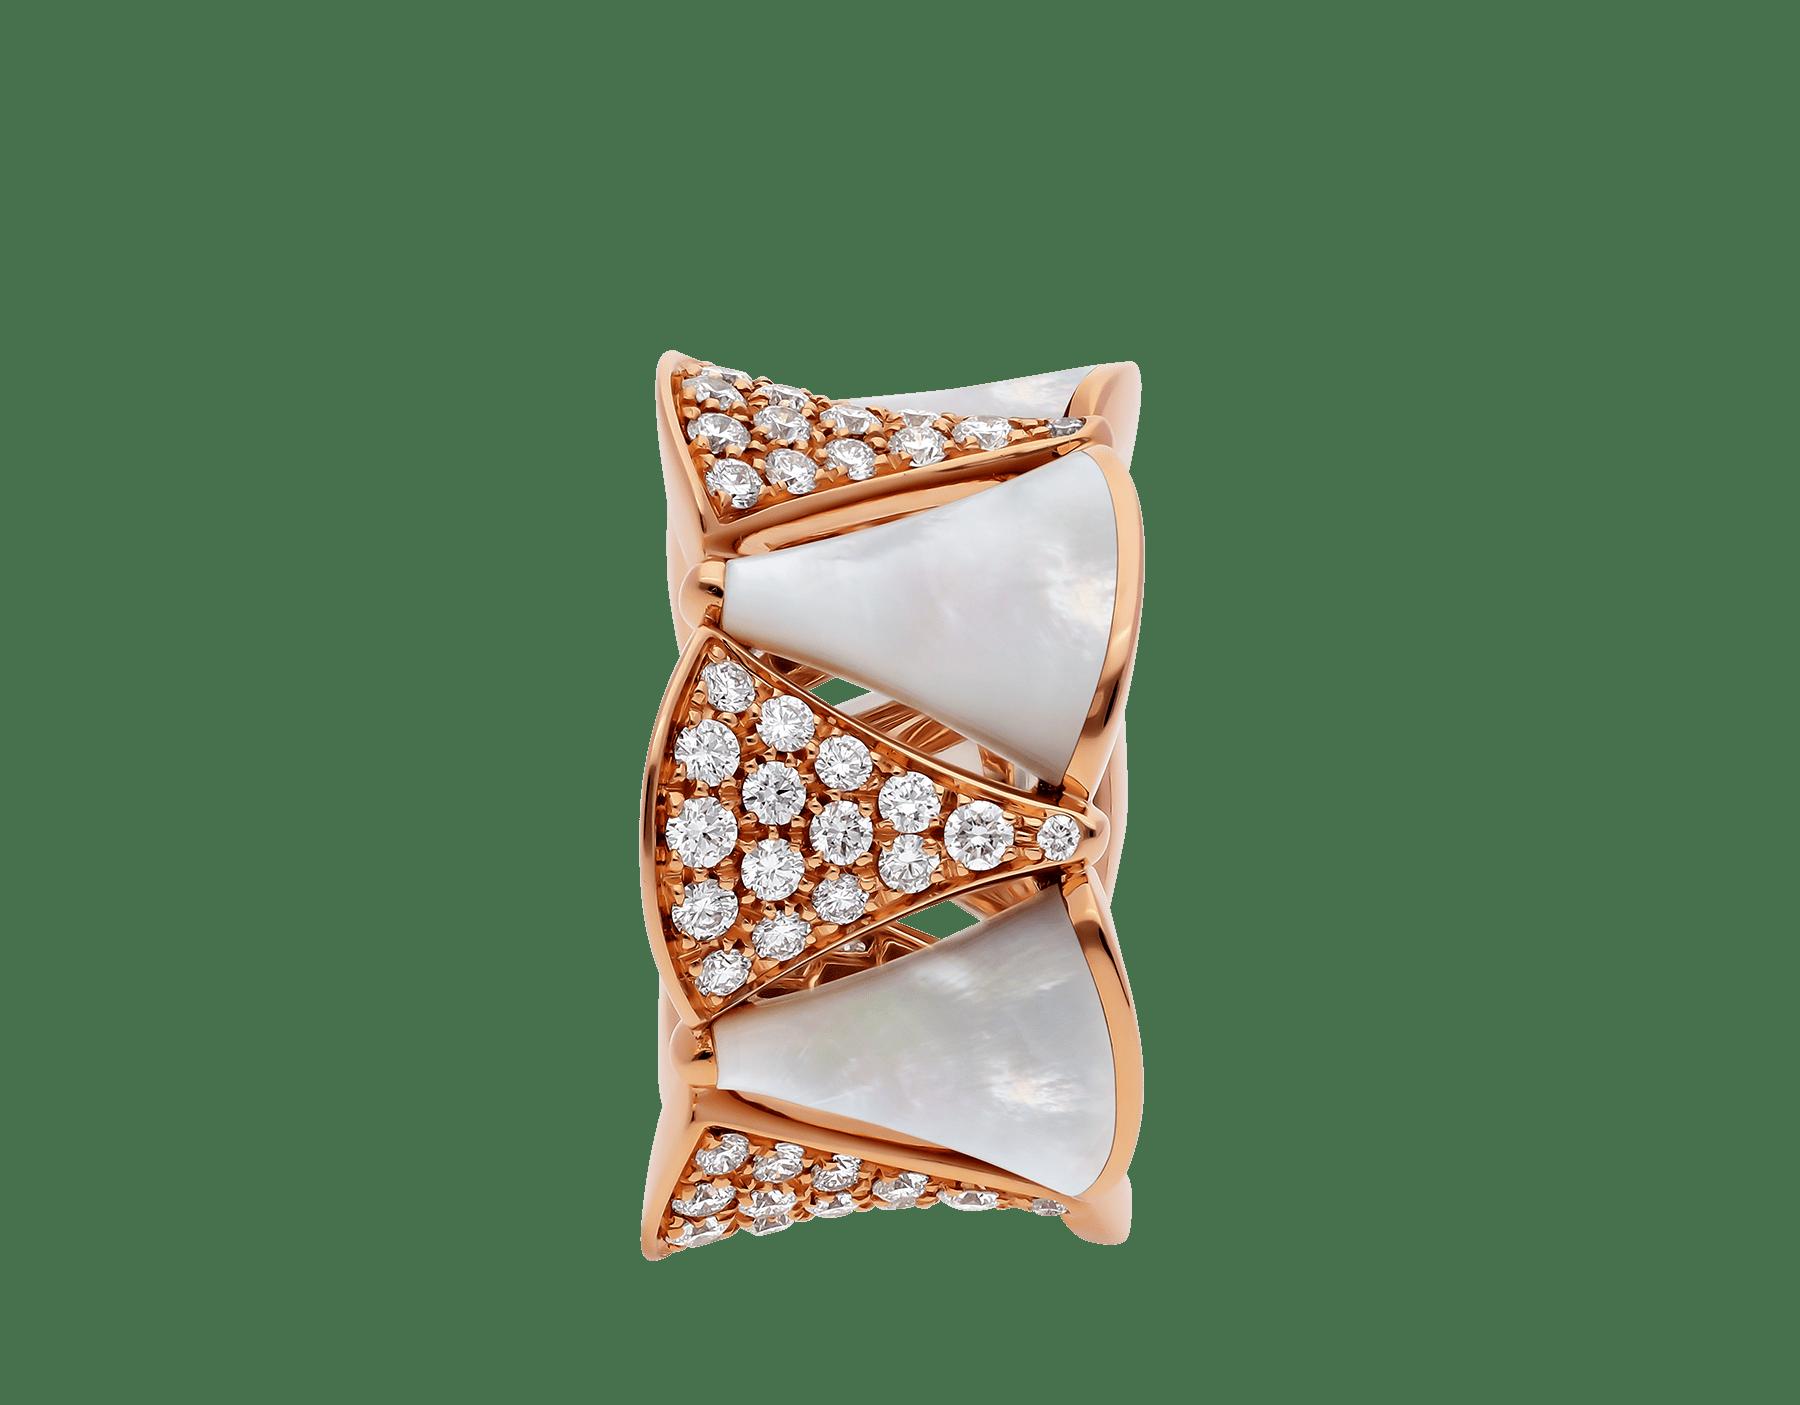 Produzido com o brilho de diamantes e a elegância etérea da madrepérola, o anel DIVAS' DREAM envolve o dedo com a pureza da beleza feminina. AN856775 image 2